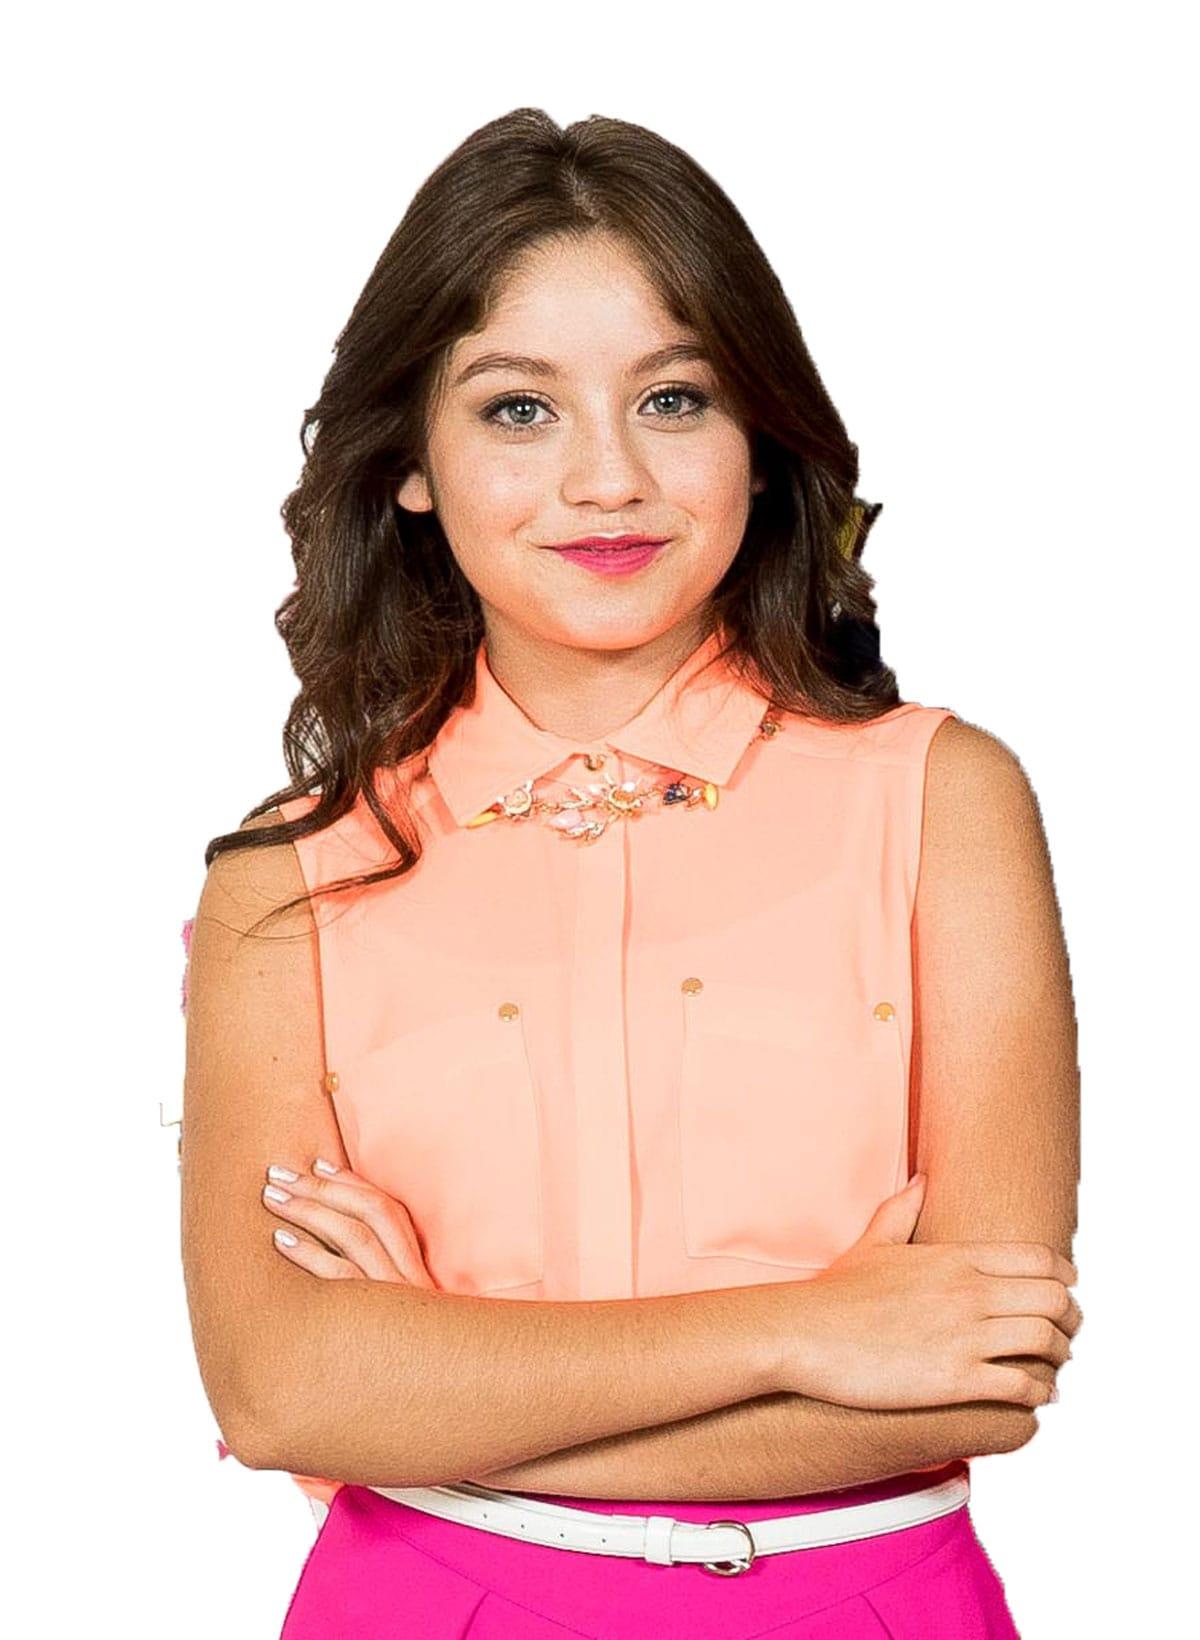 Soy Luna Karol Sevilla